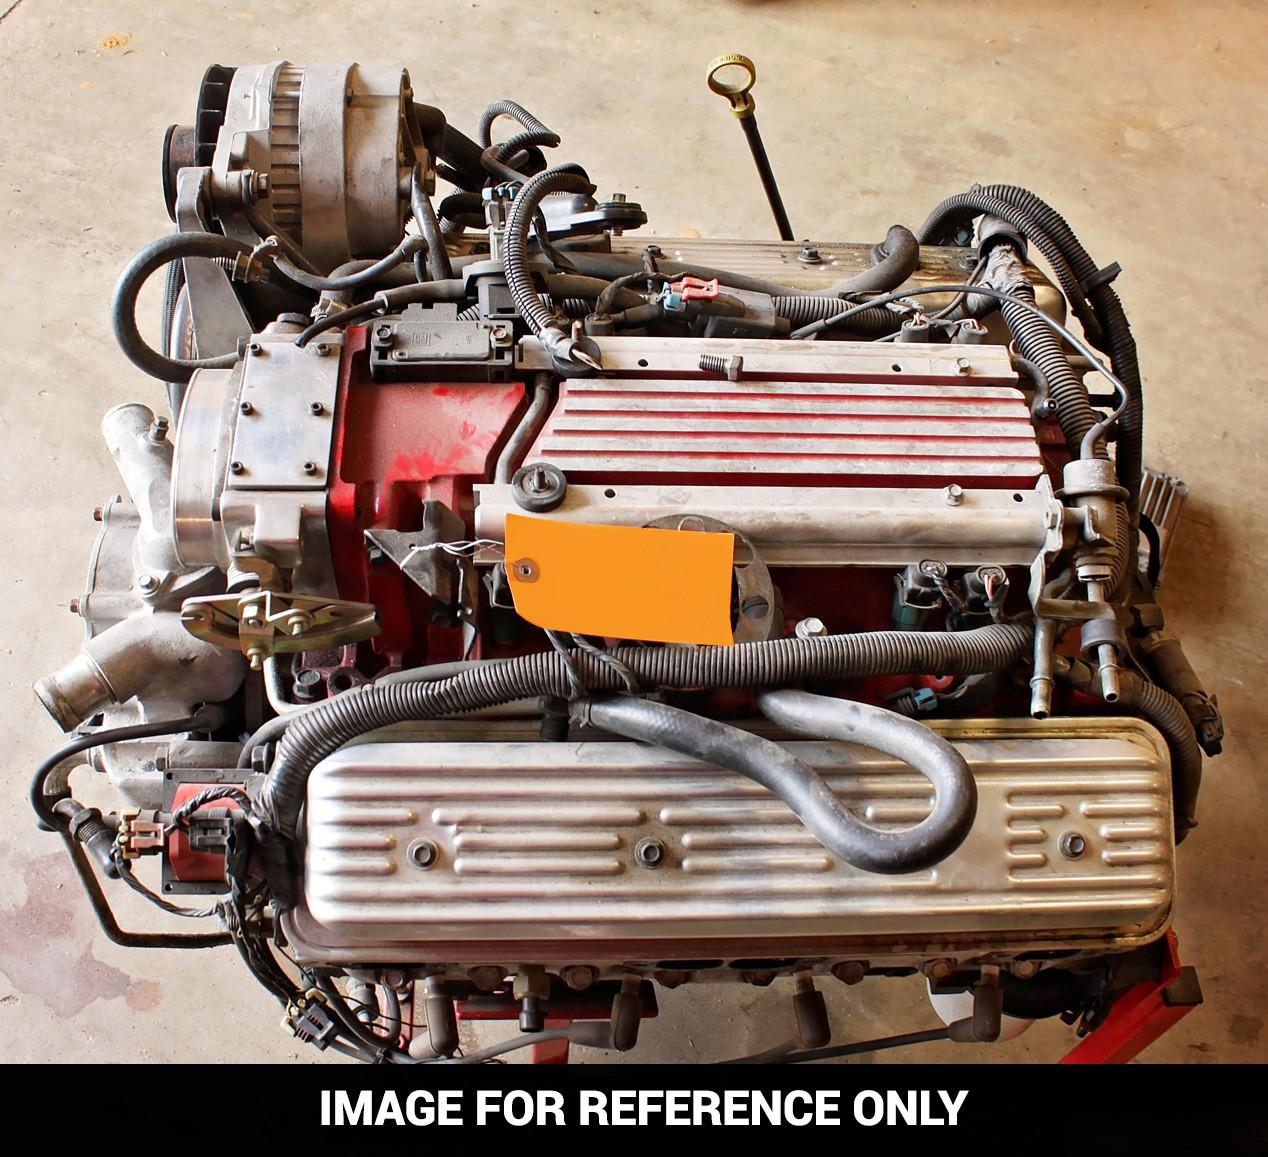 1996 Firebird Engine Diagram Trusted Wiring Diagrams 1997 Pontiac Lt1 U2022 Trans Am Ws6 Wheels